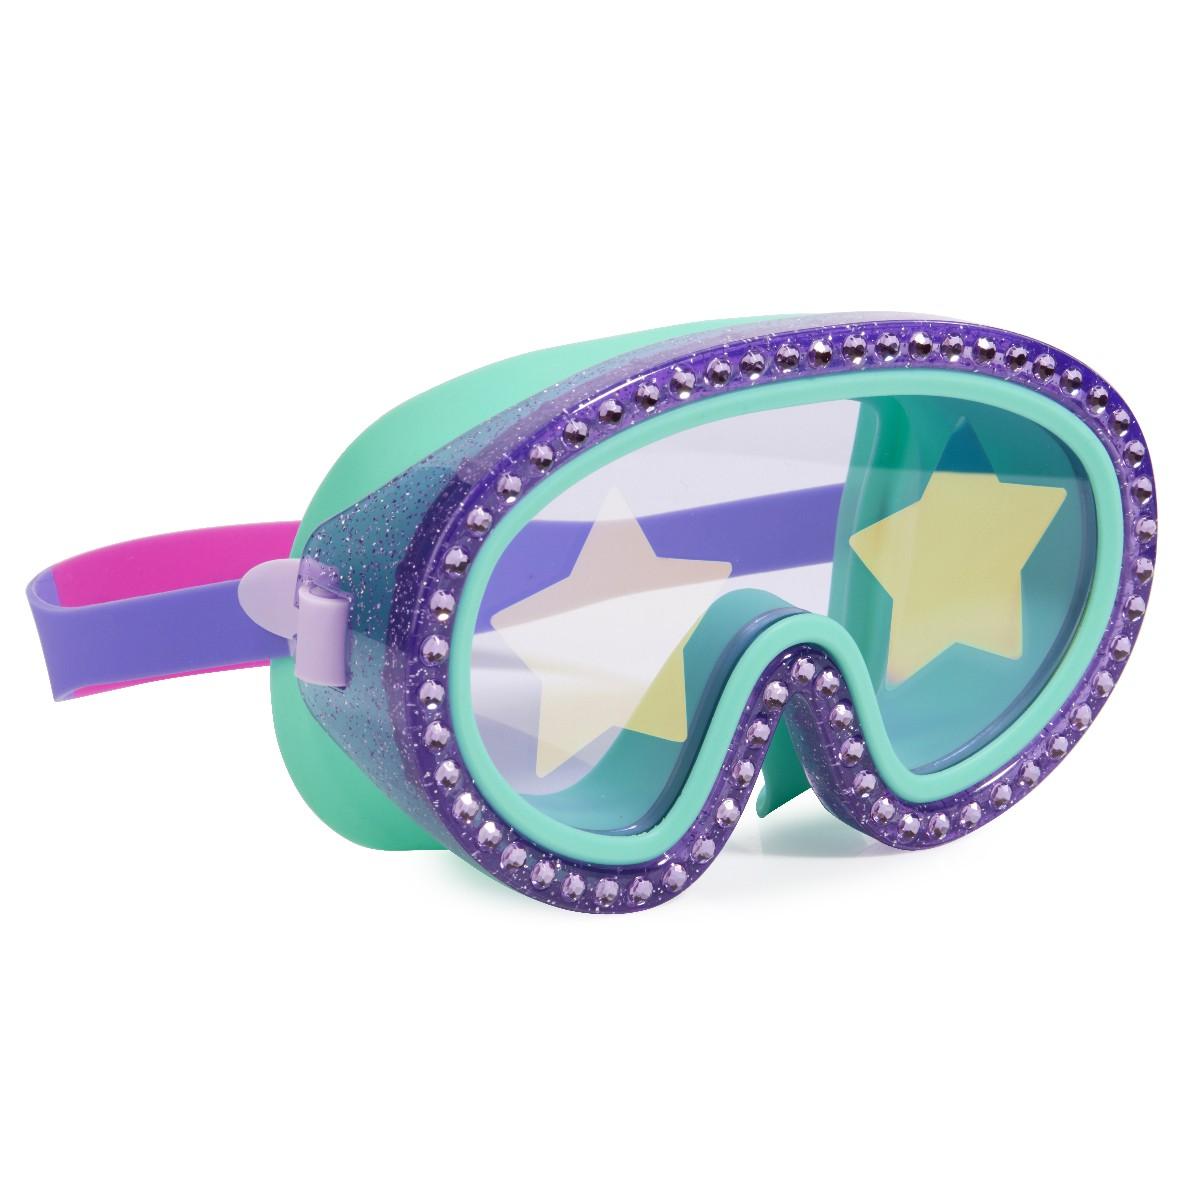 Svømmemaske - Glitter Stjerne